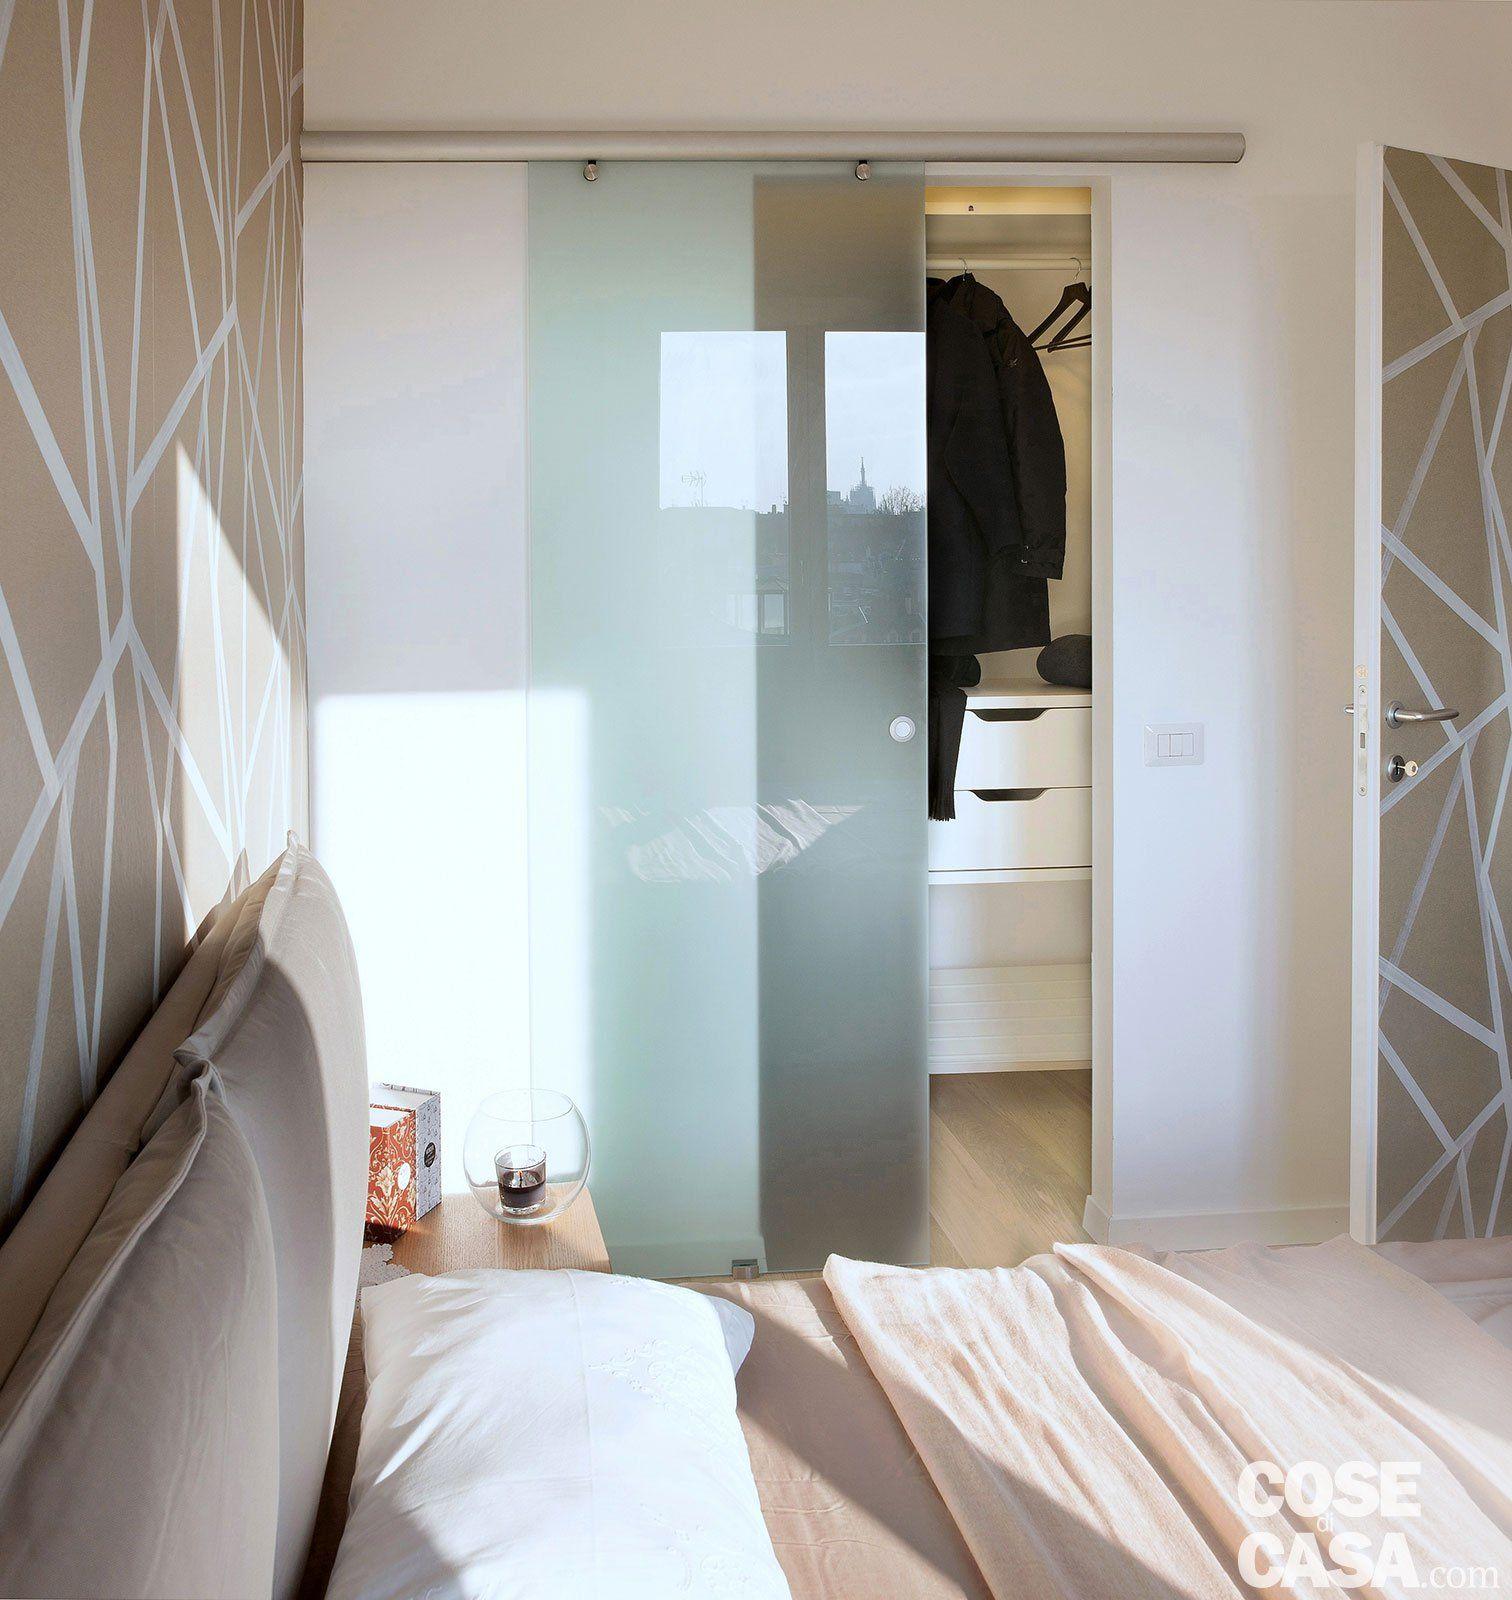 Bilocale di 40 mq casa mini, comfort maxi Camera da